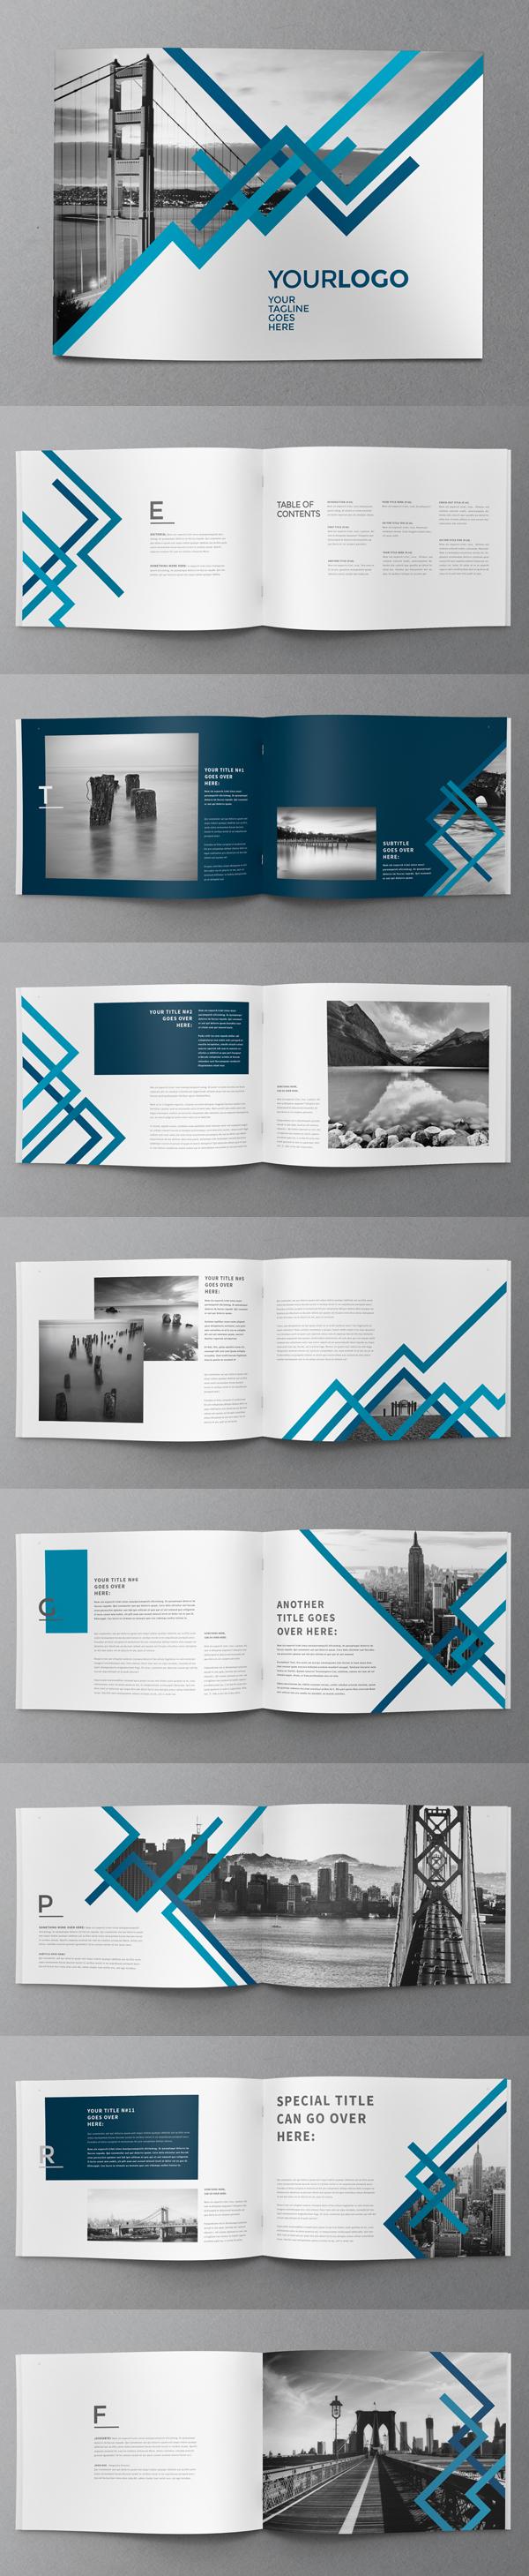 上海画册设计公司创意画册-24P蓝色条纹企业宣传手册设计模板